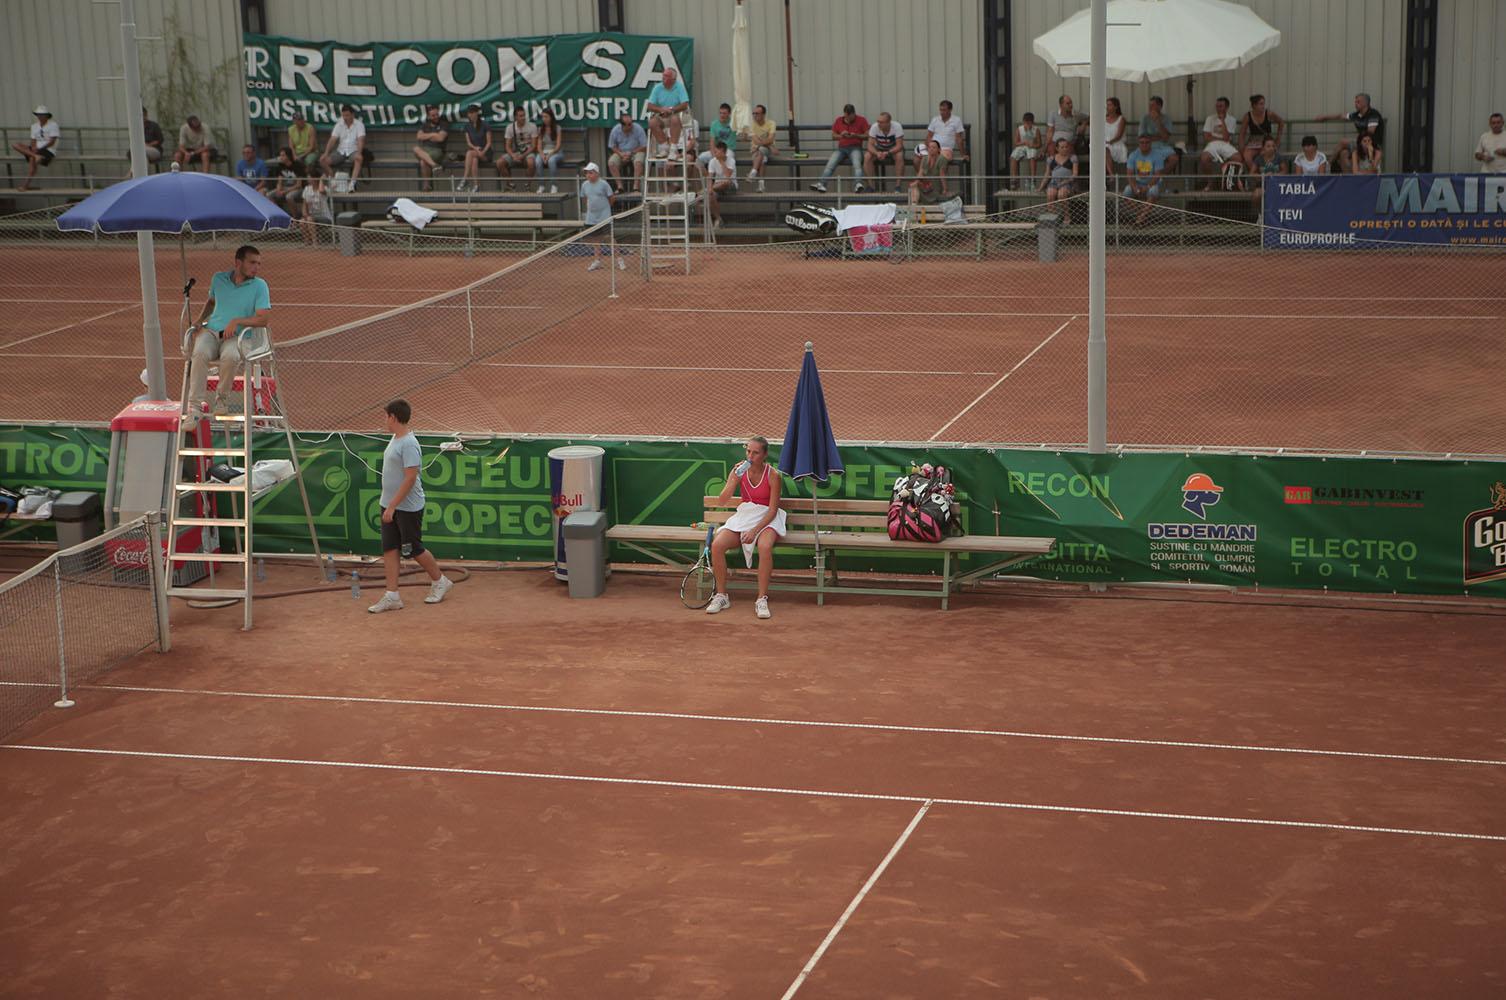 Teren de tenis pe zgura